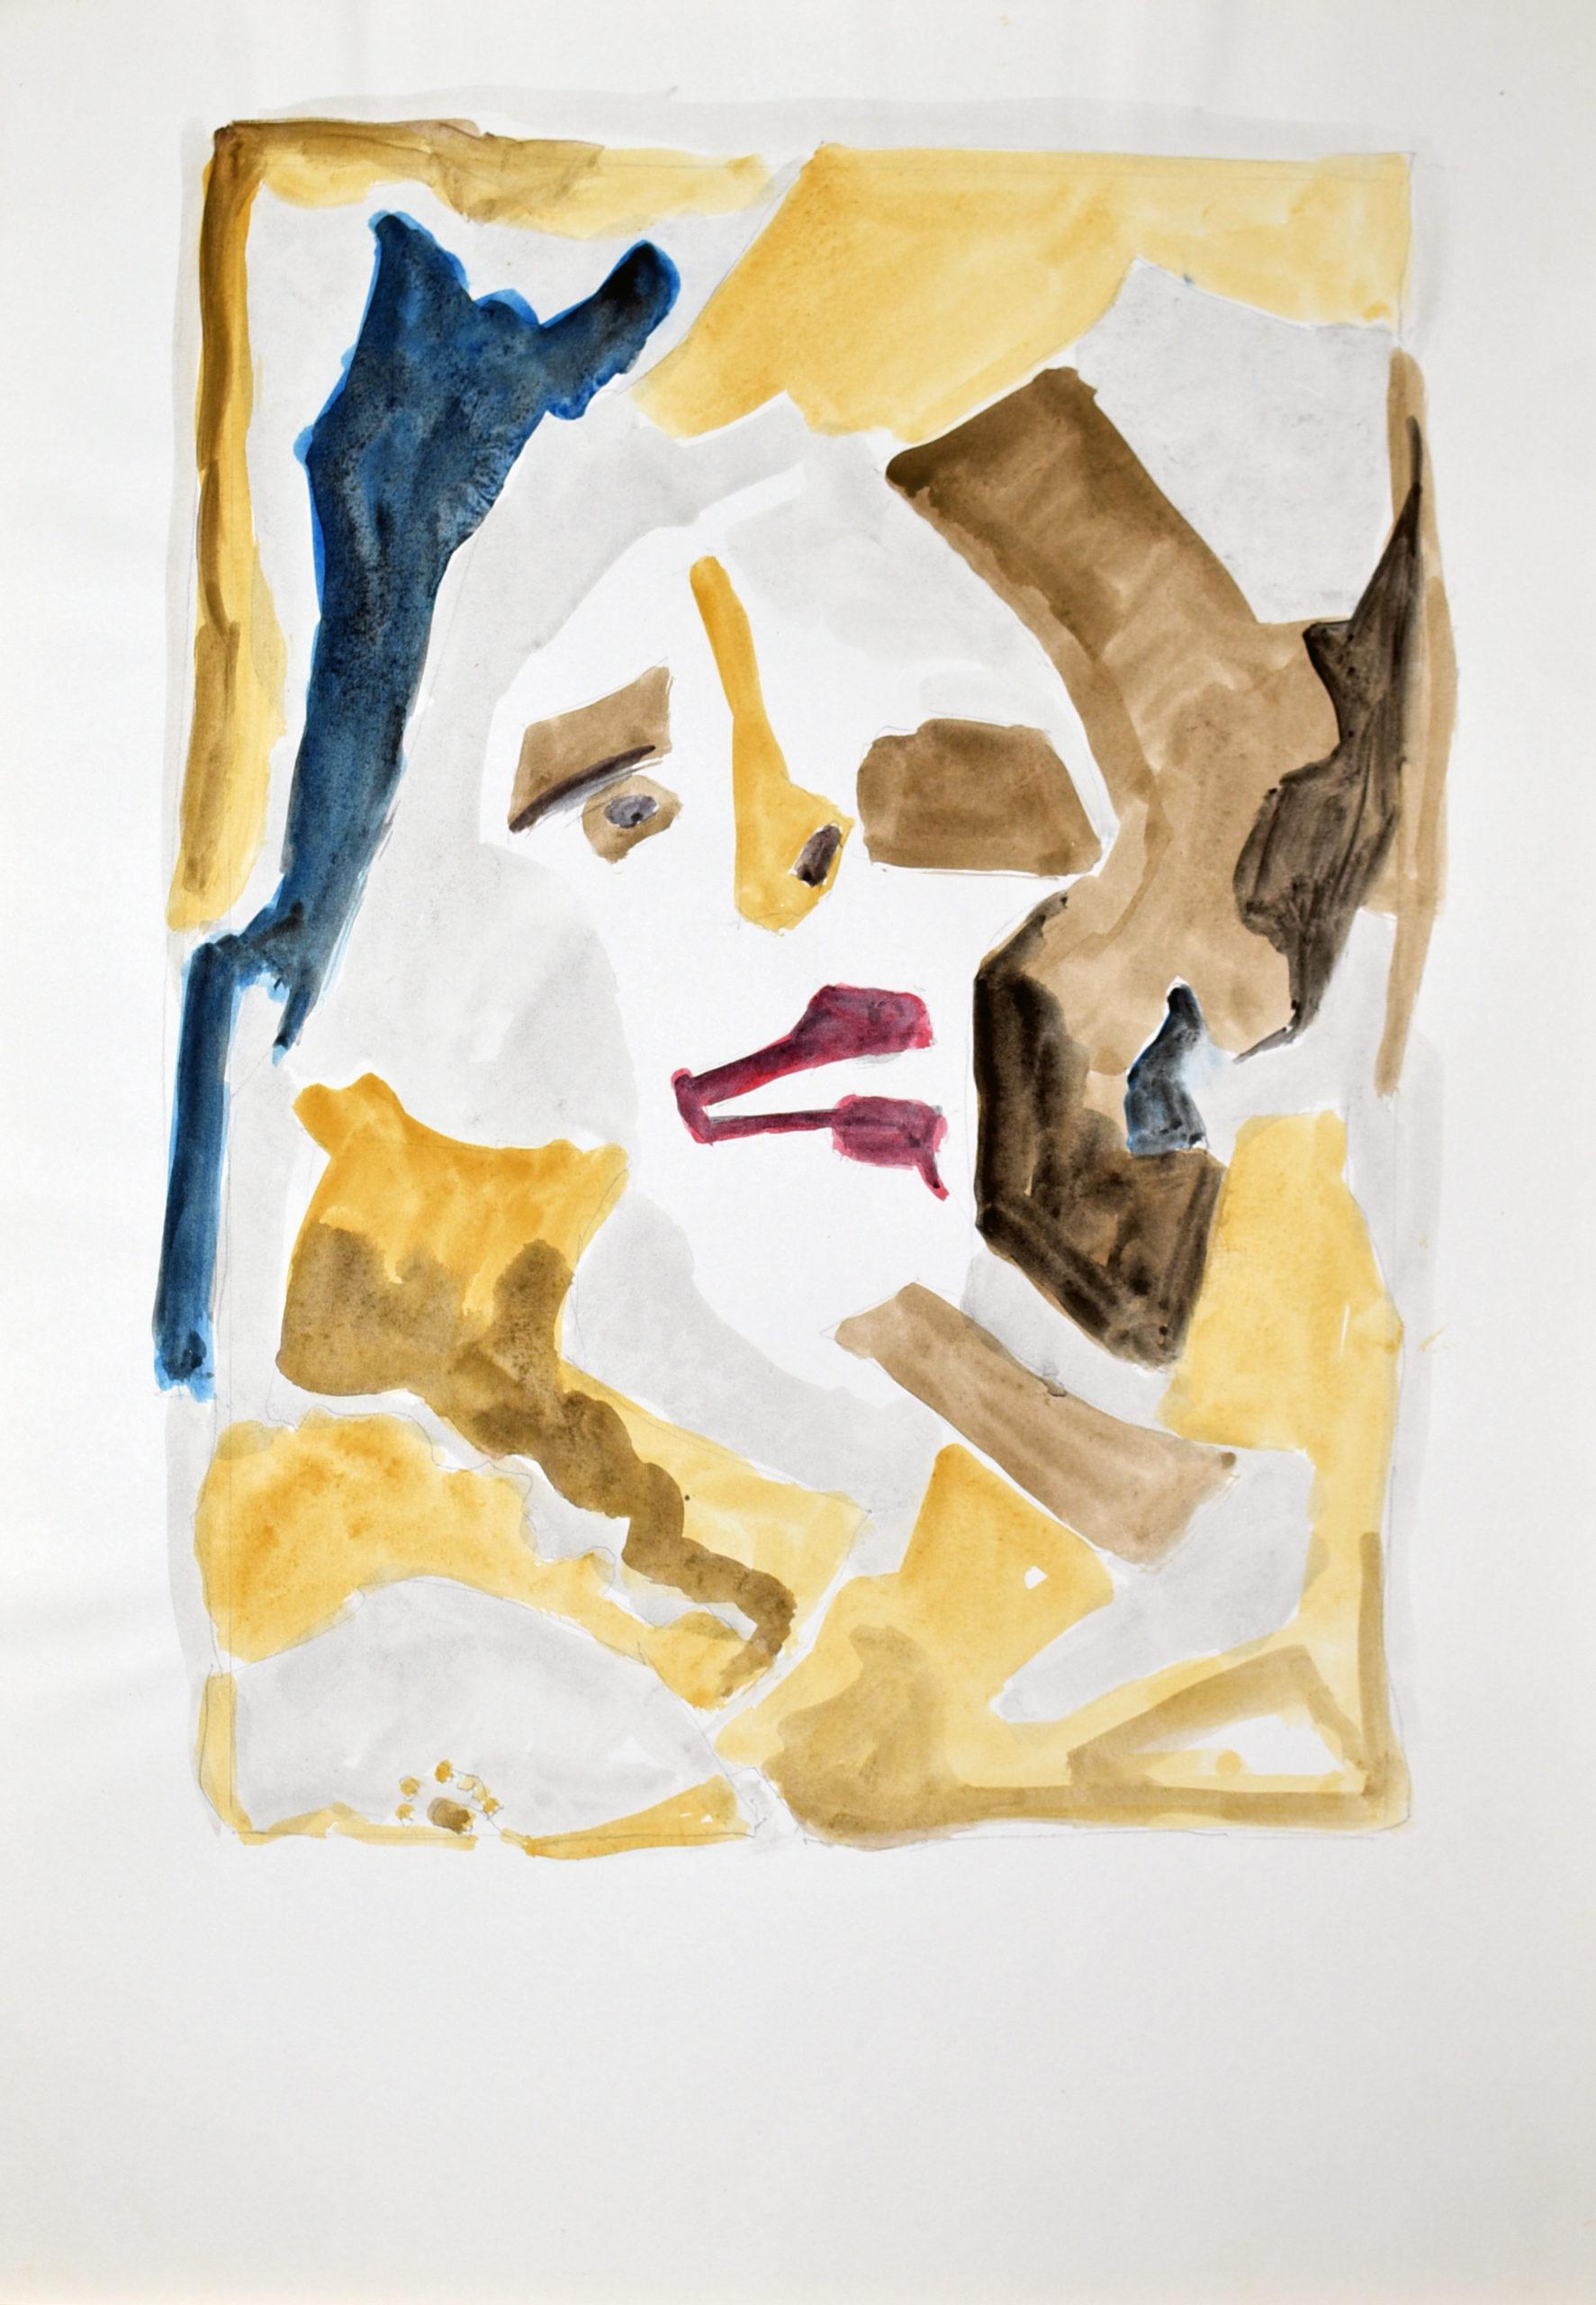 Abstrakt gemaltes Gesicht mit Erd- und Sandfarben